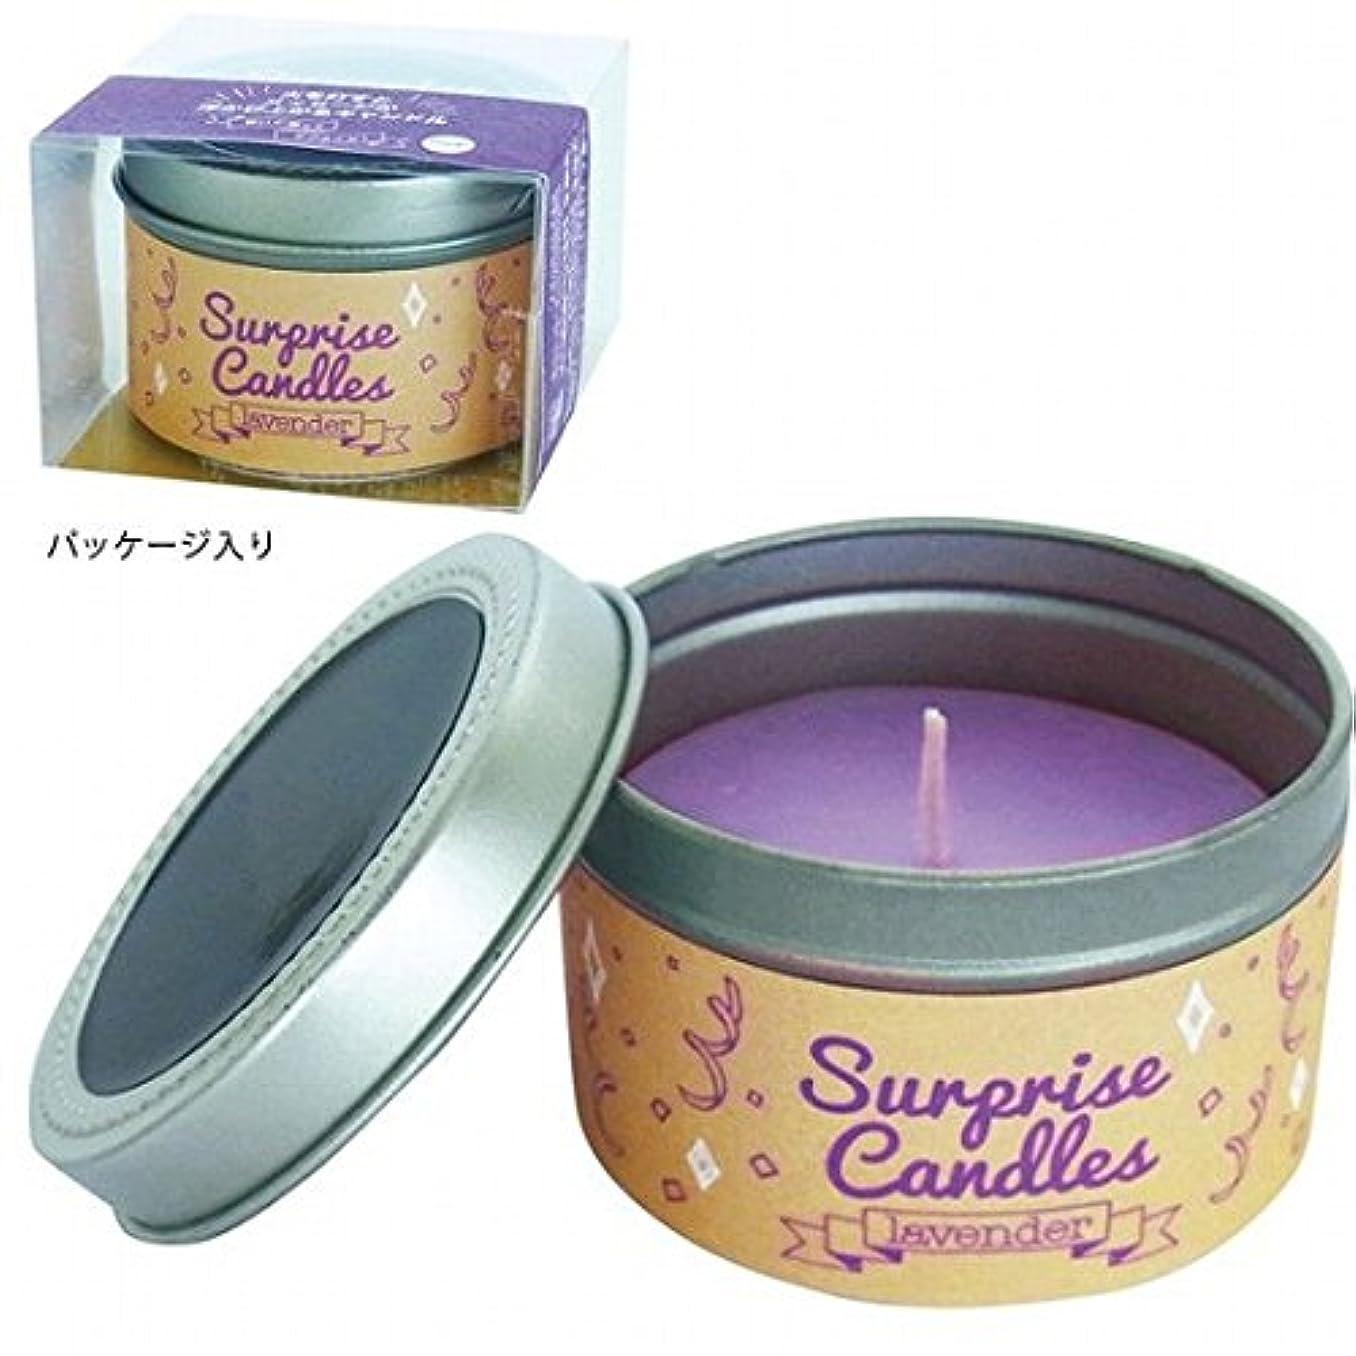 カメヤマキャンドル(kameyama candle) サプライズキャンドル 「ラベンダー」